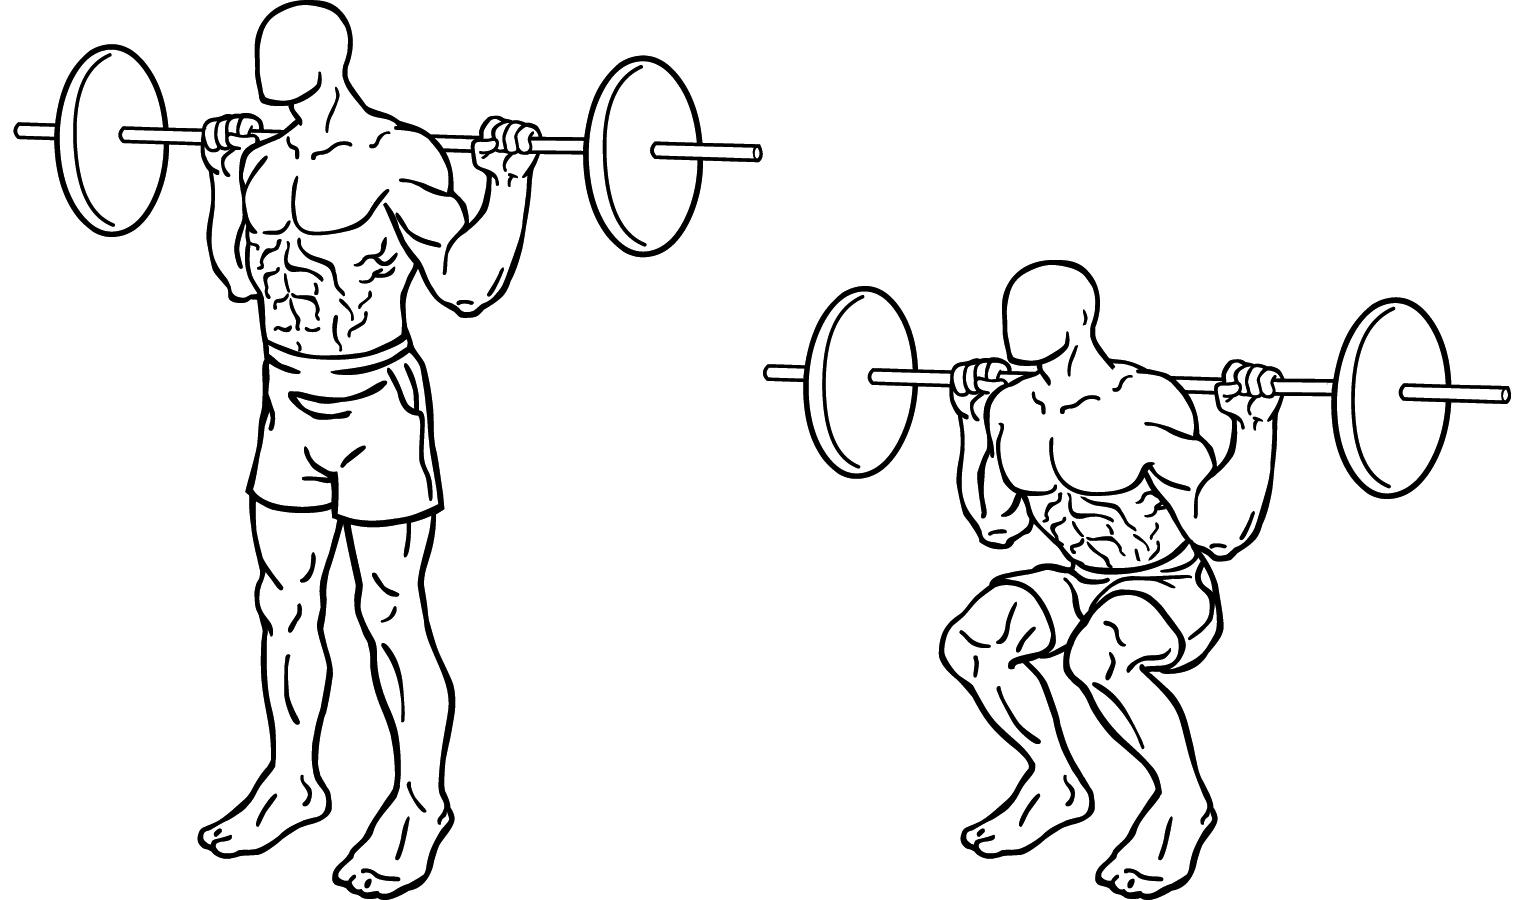 correct squat form diagram juanribon  : squat diagram - findchart.co